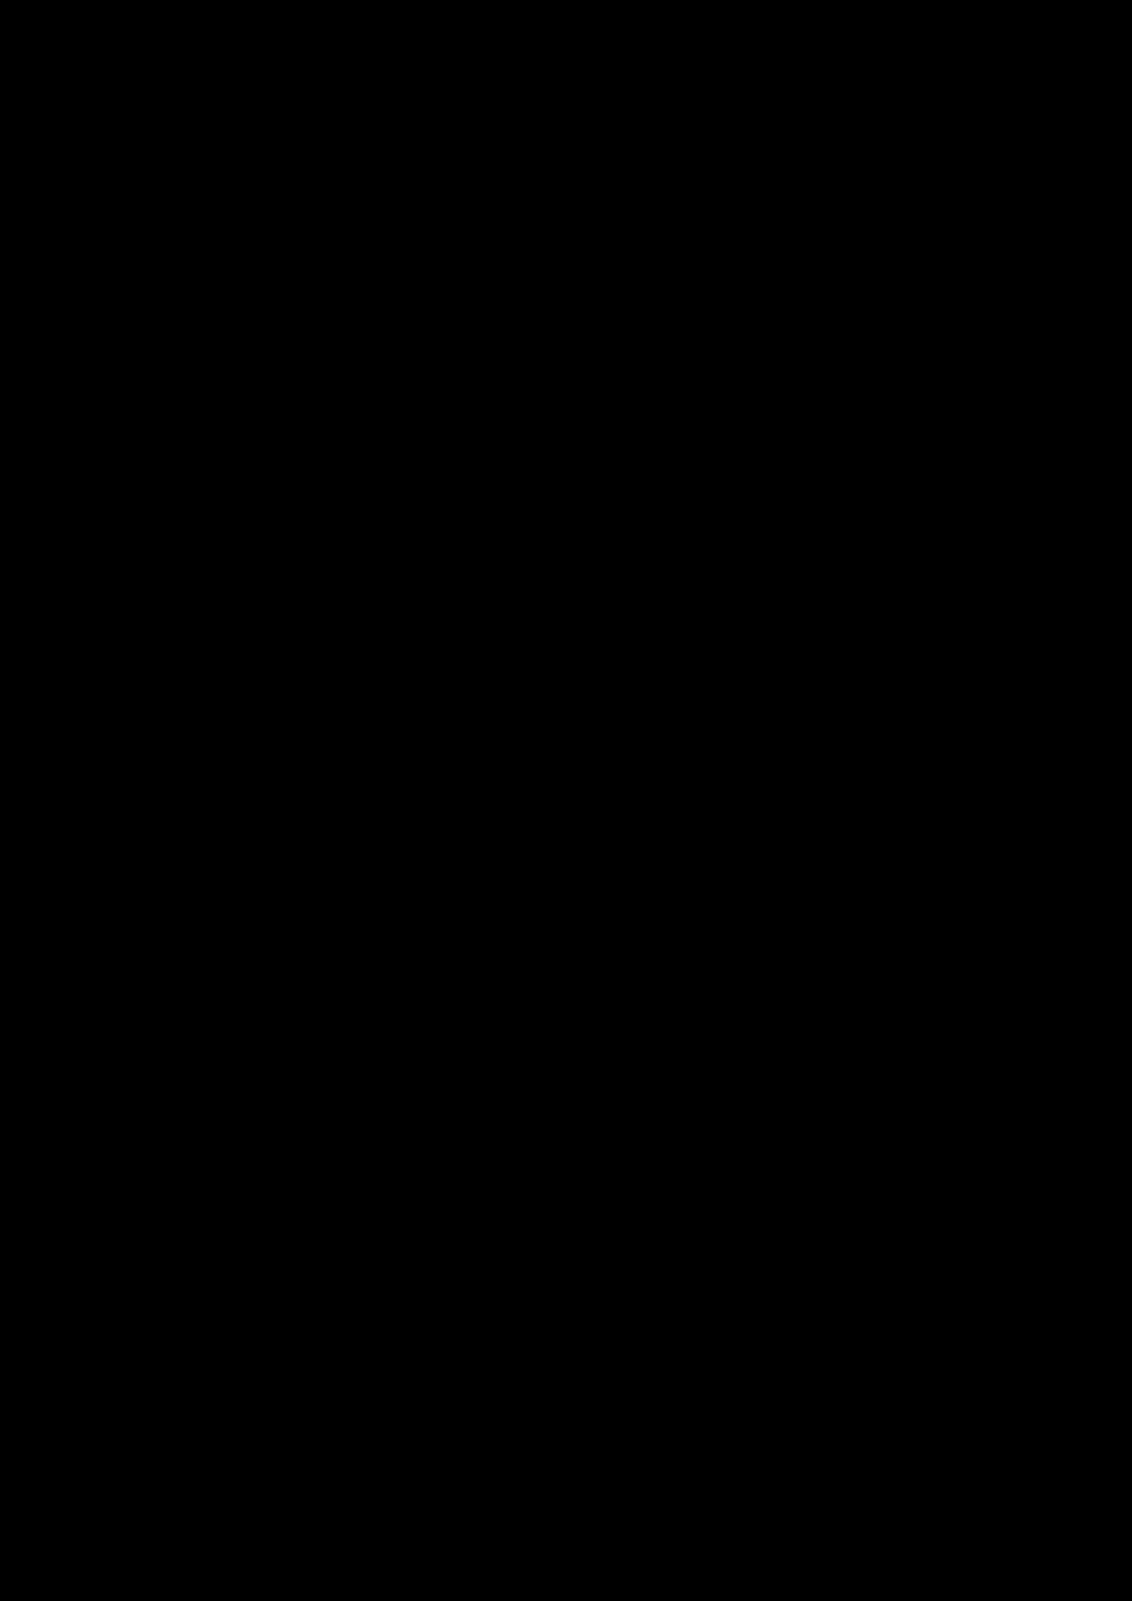 Serdtse slide, Image 76